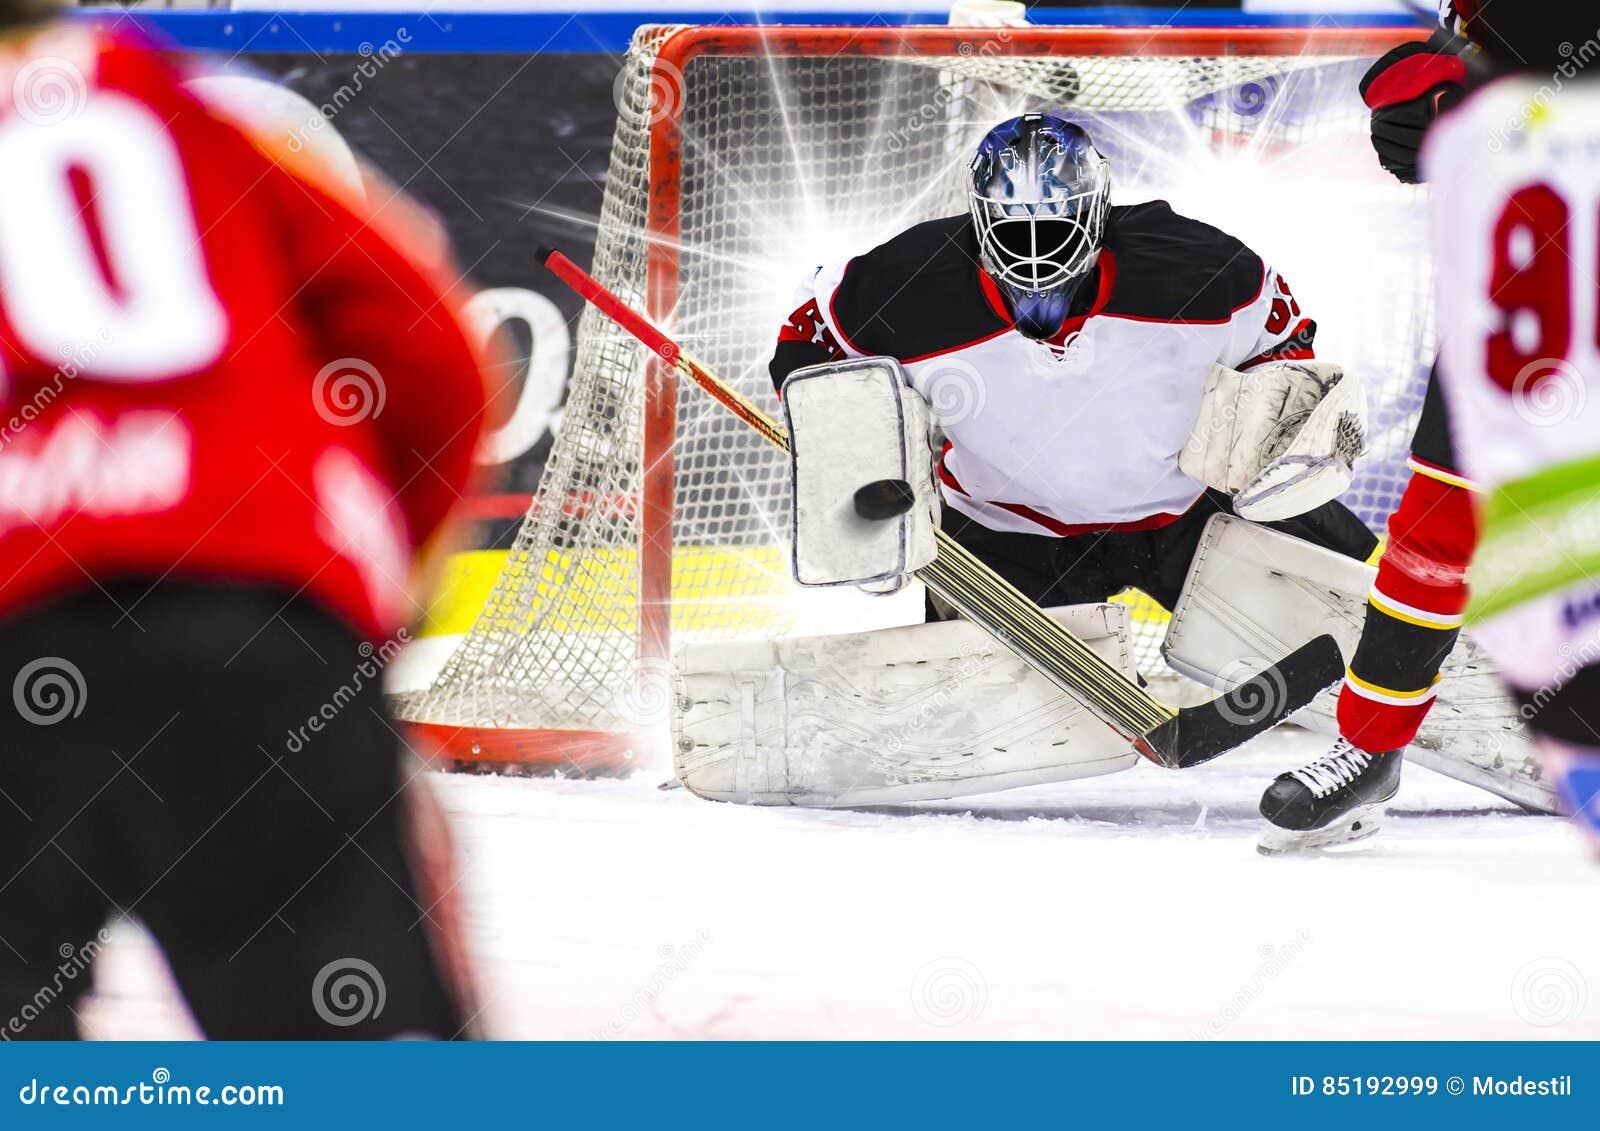 Ice Hockey Goalie Stock Image Image Of Athlete Hockey 85192999